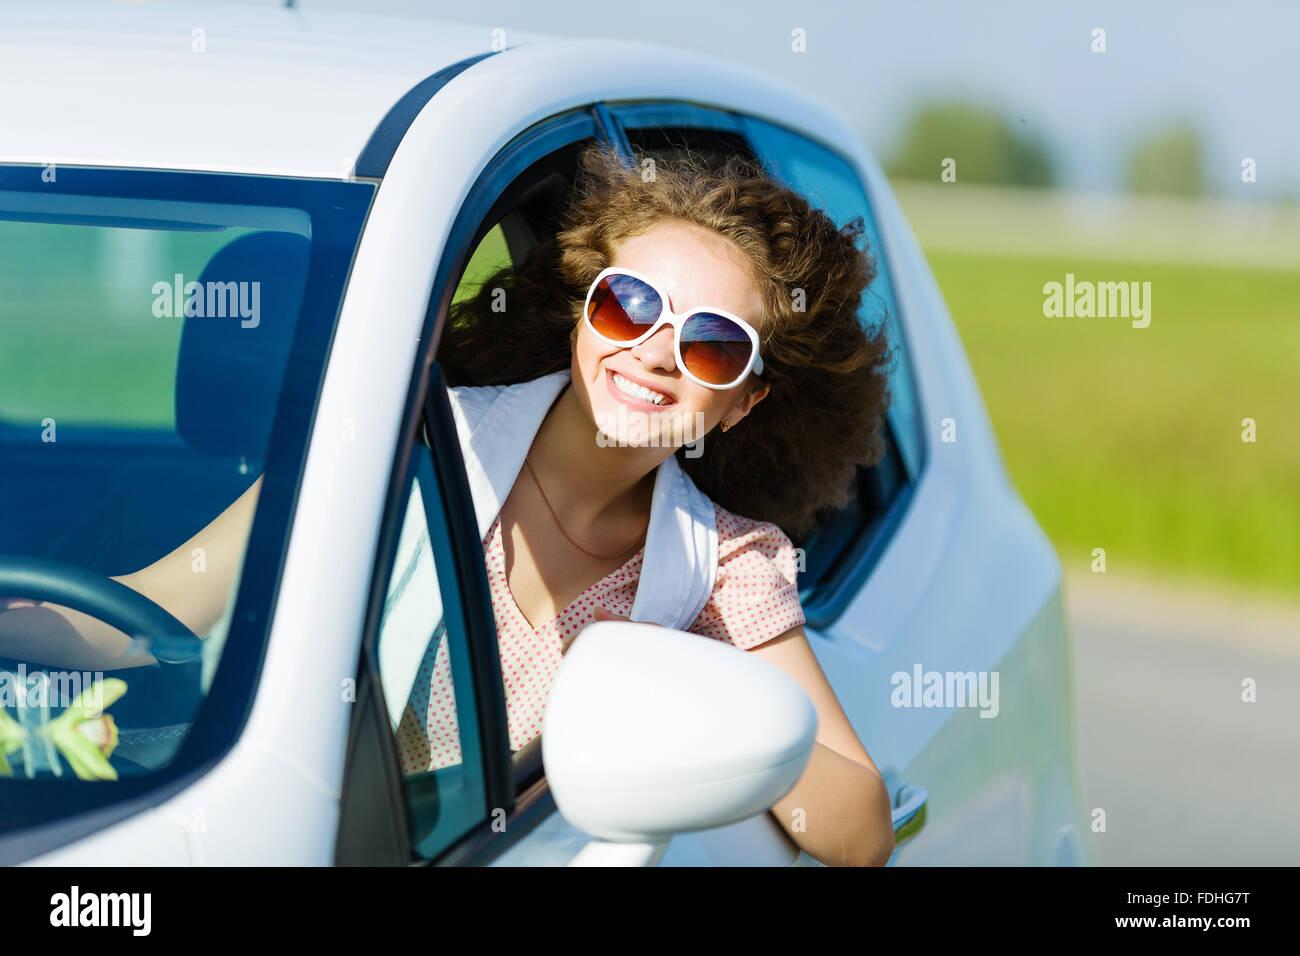 Junge hübsche Frau, Auto zu fahren und aus Autofenster